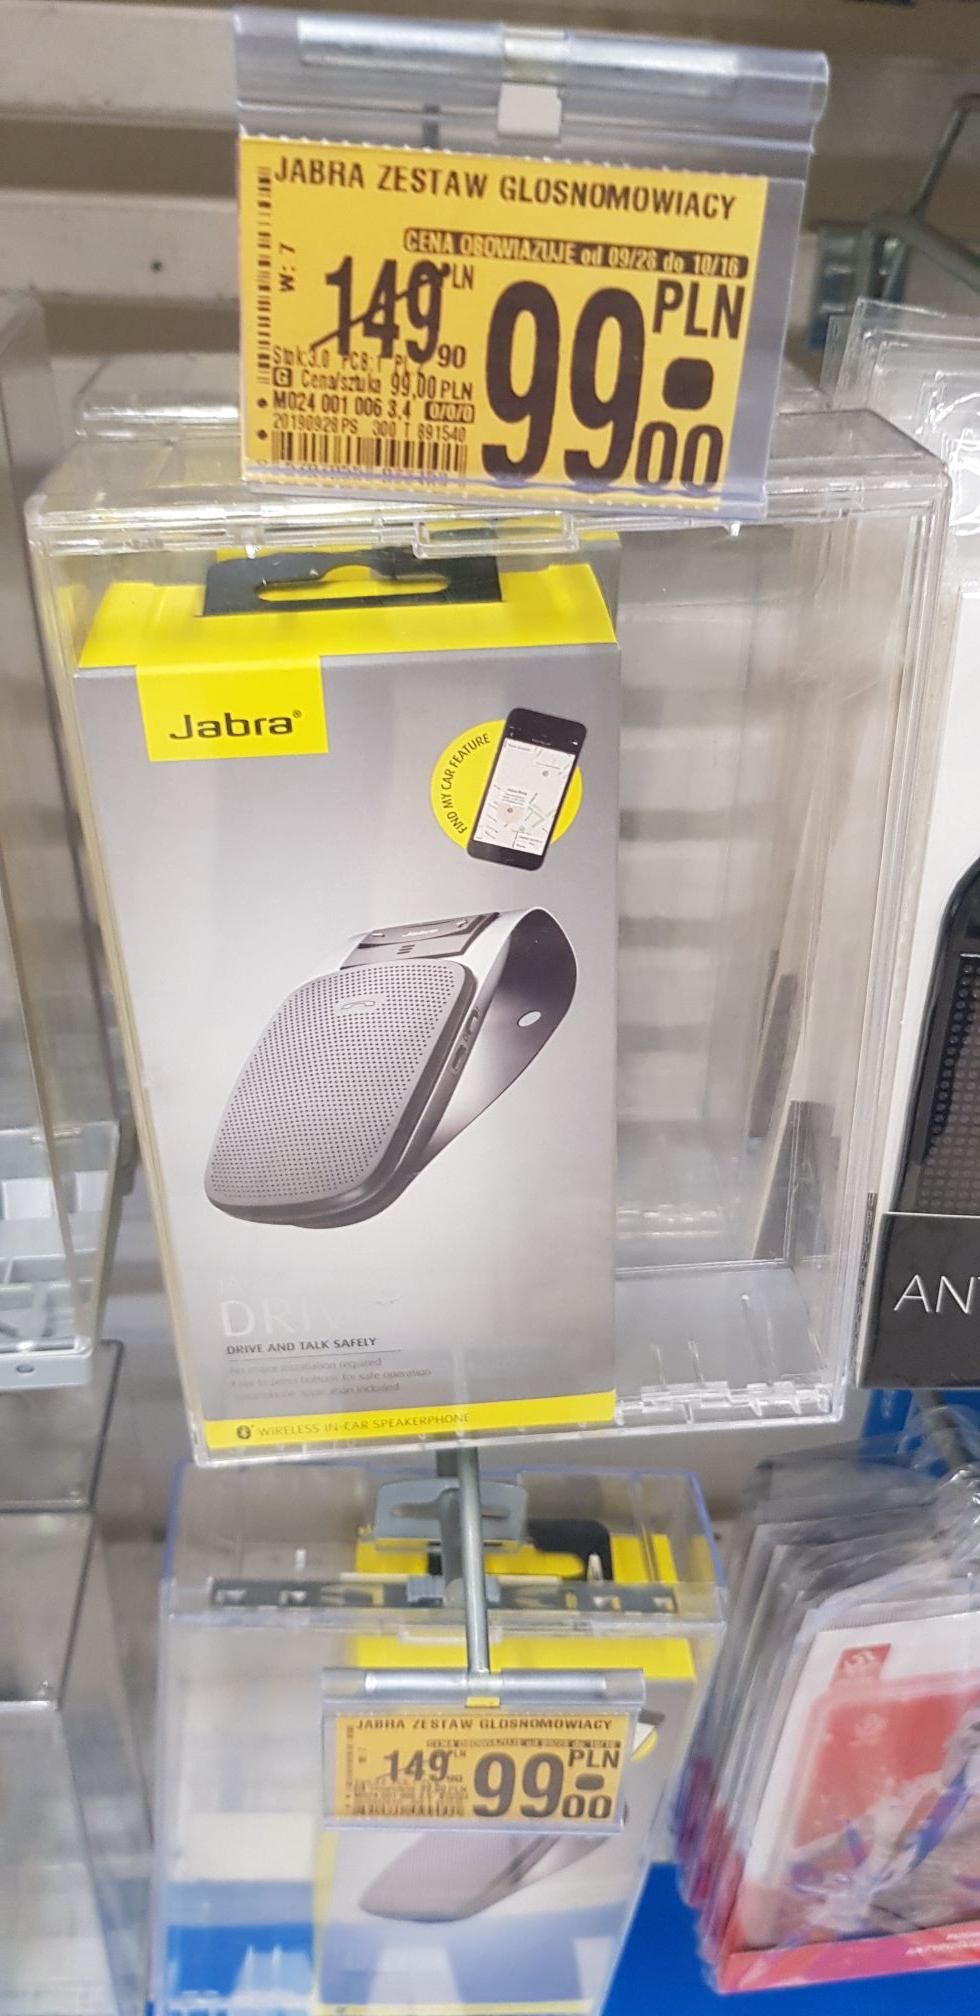 Auchan Zestaw głośnomówiący Bluetooth Jabra, Motorola, Qilive